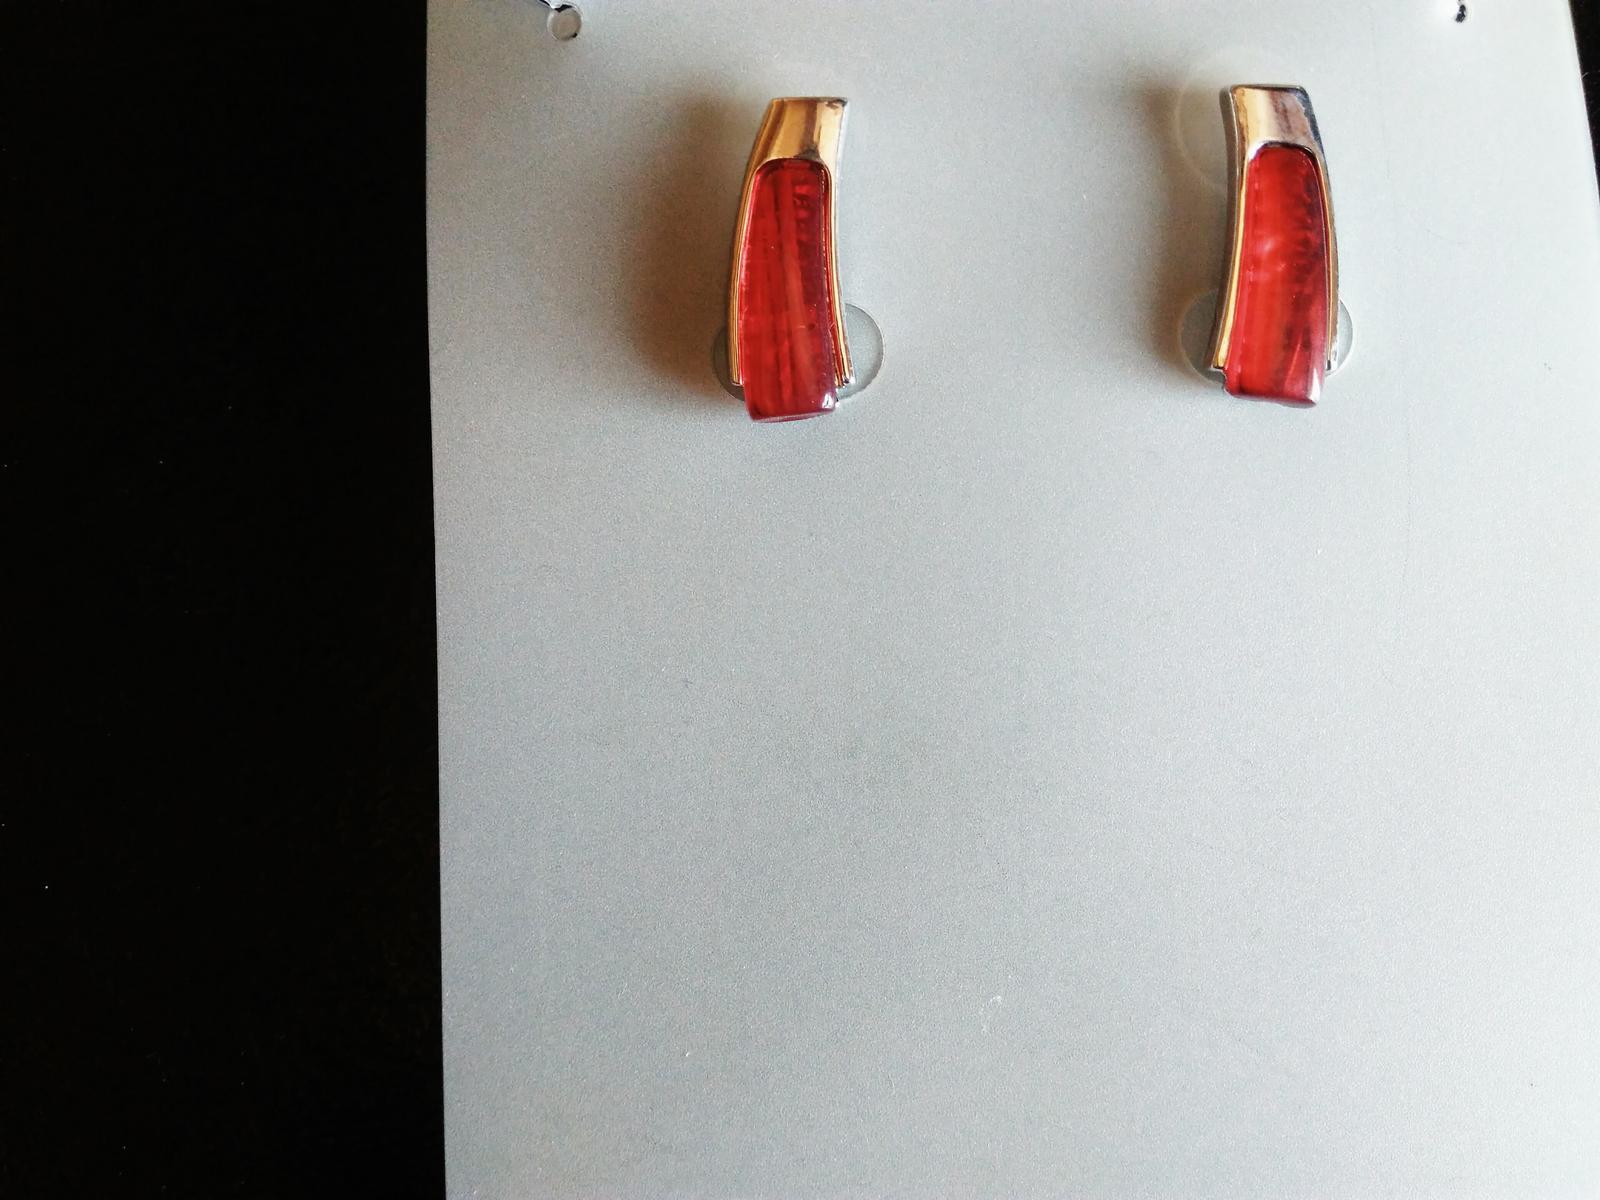 Sada- náhrdelník+náušnice - Obrázok č. 2